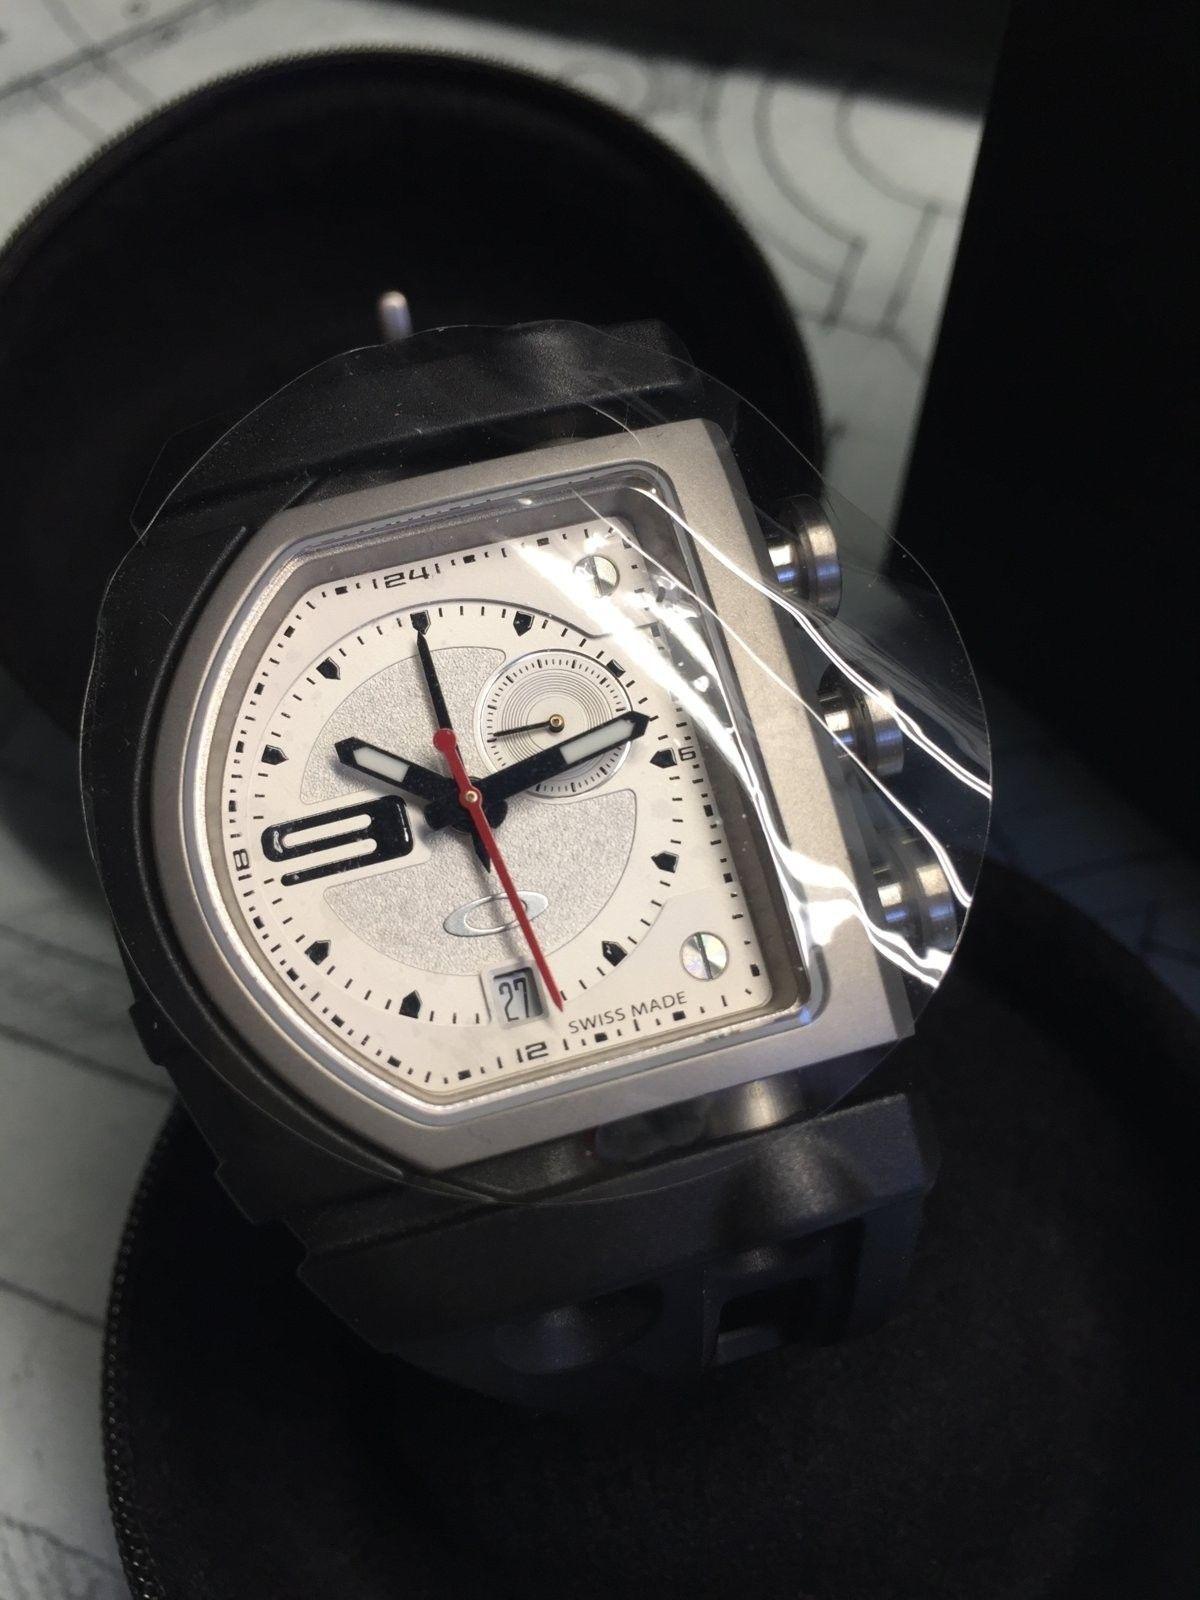 BNIB White dial Fuse Box watch $225 shipped - IMG_2425.JPG